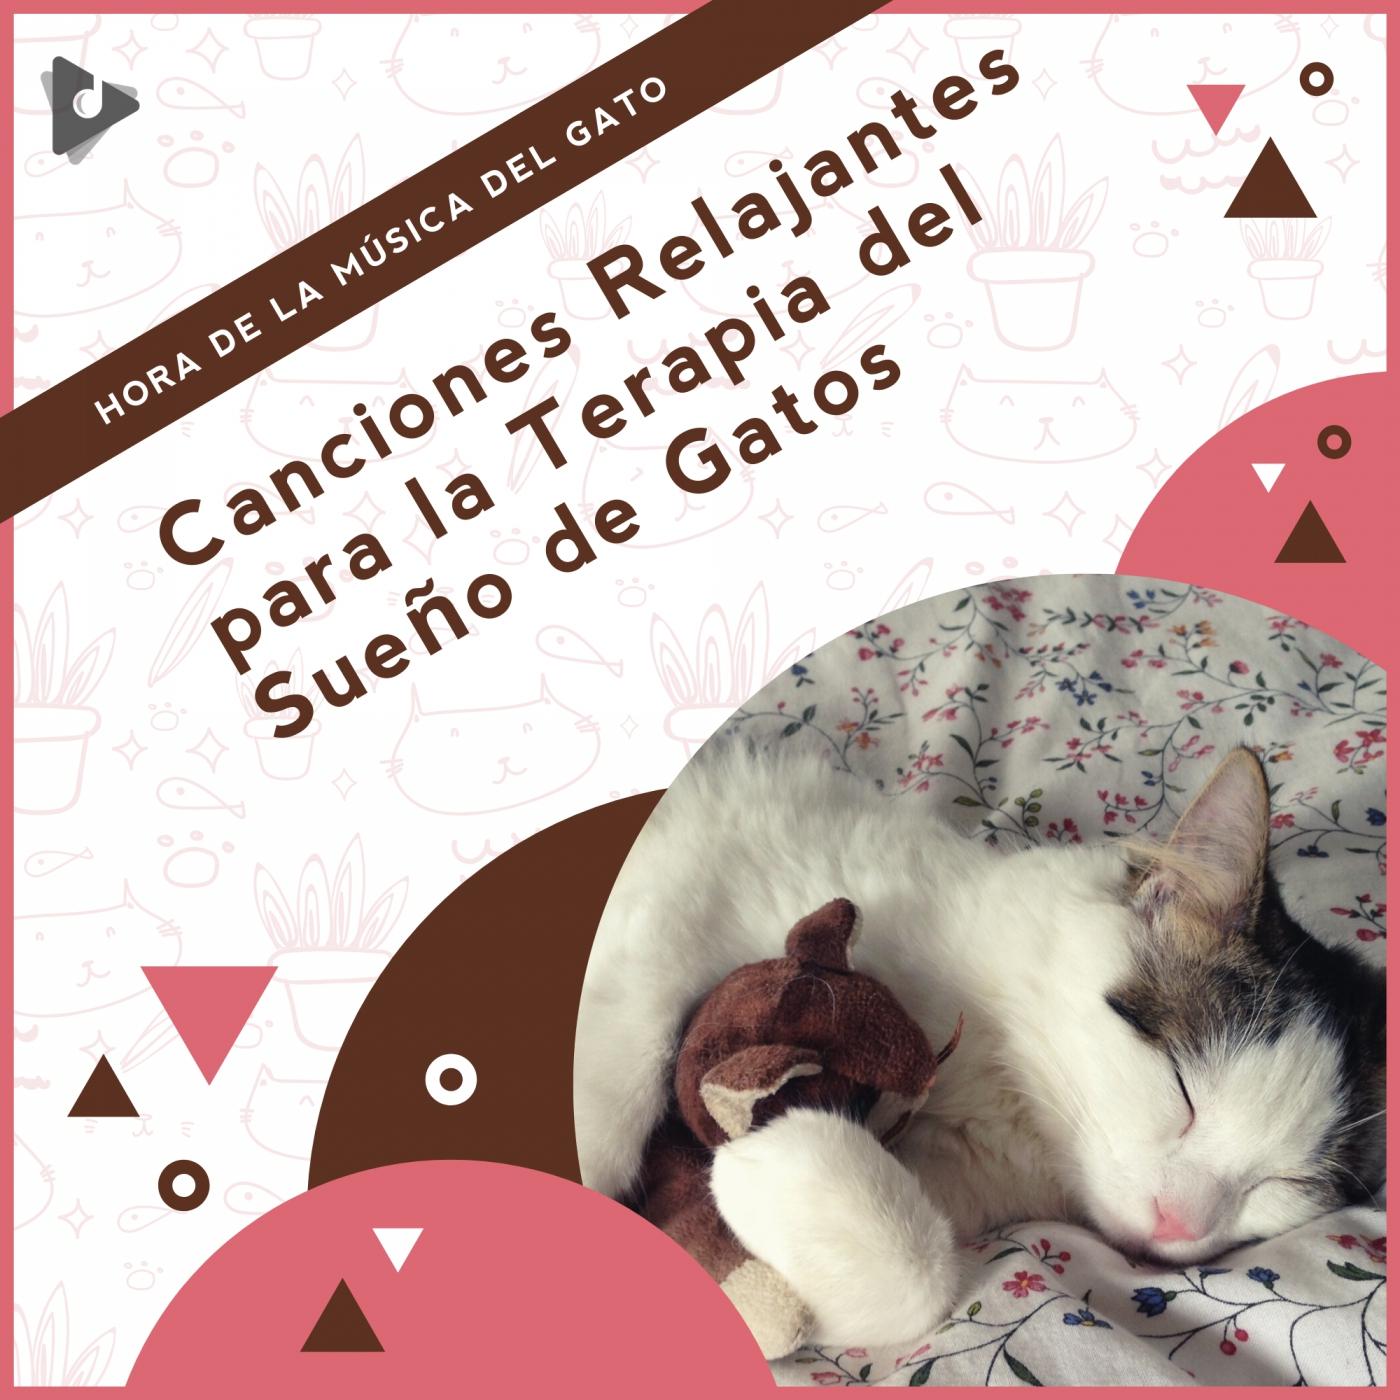 Canciones Relajantes para la Terapia del Sueño de Gatos